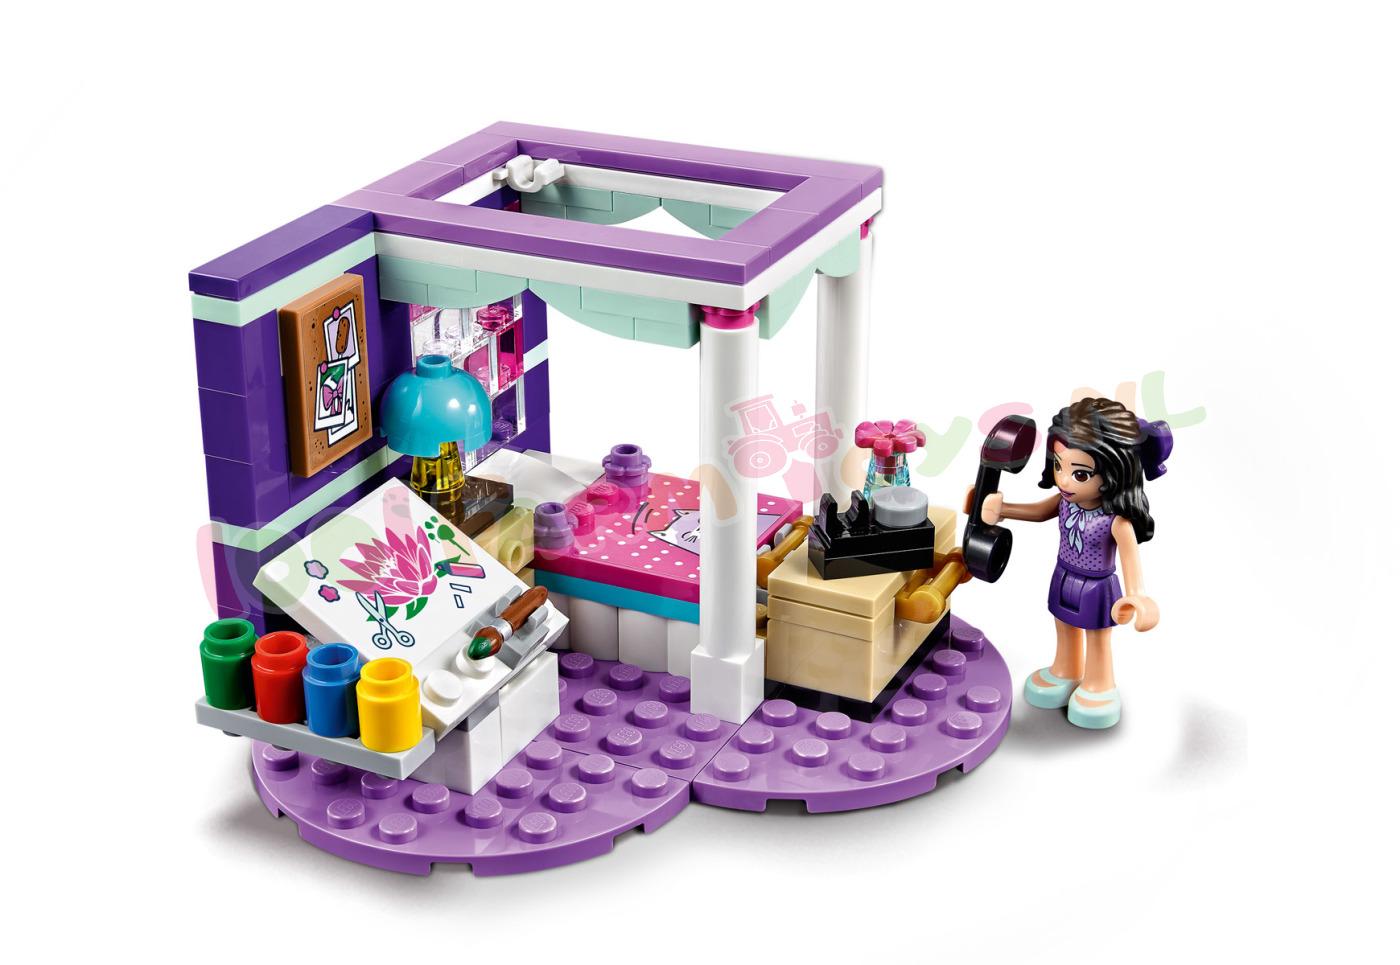 Luxe Paarse Slaapkamer : Lego friends emmas luxe slaapkamer lego friends lego